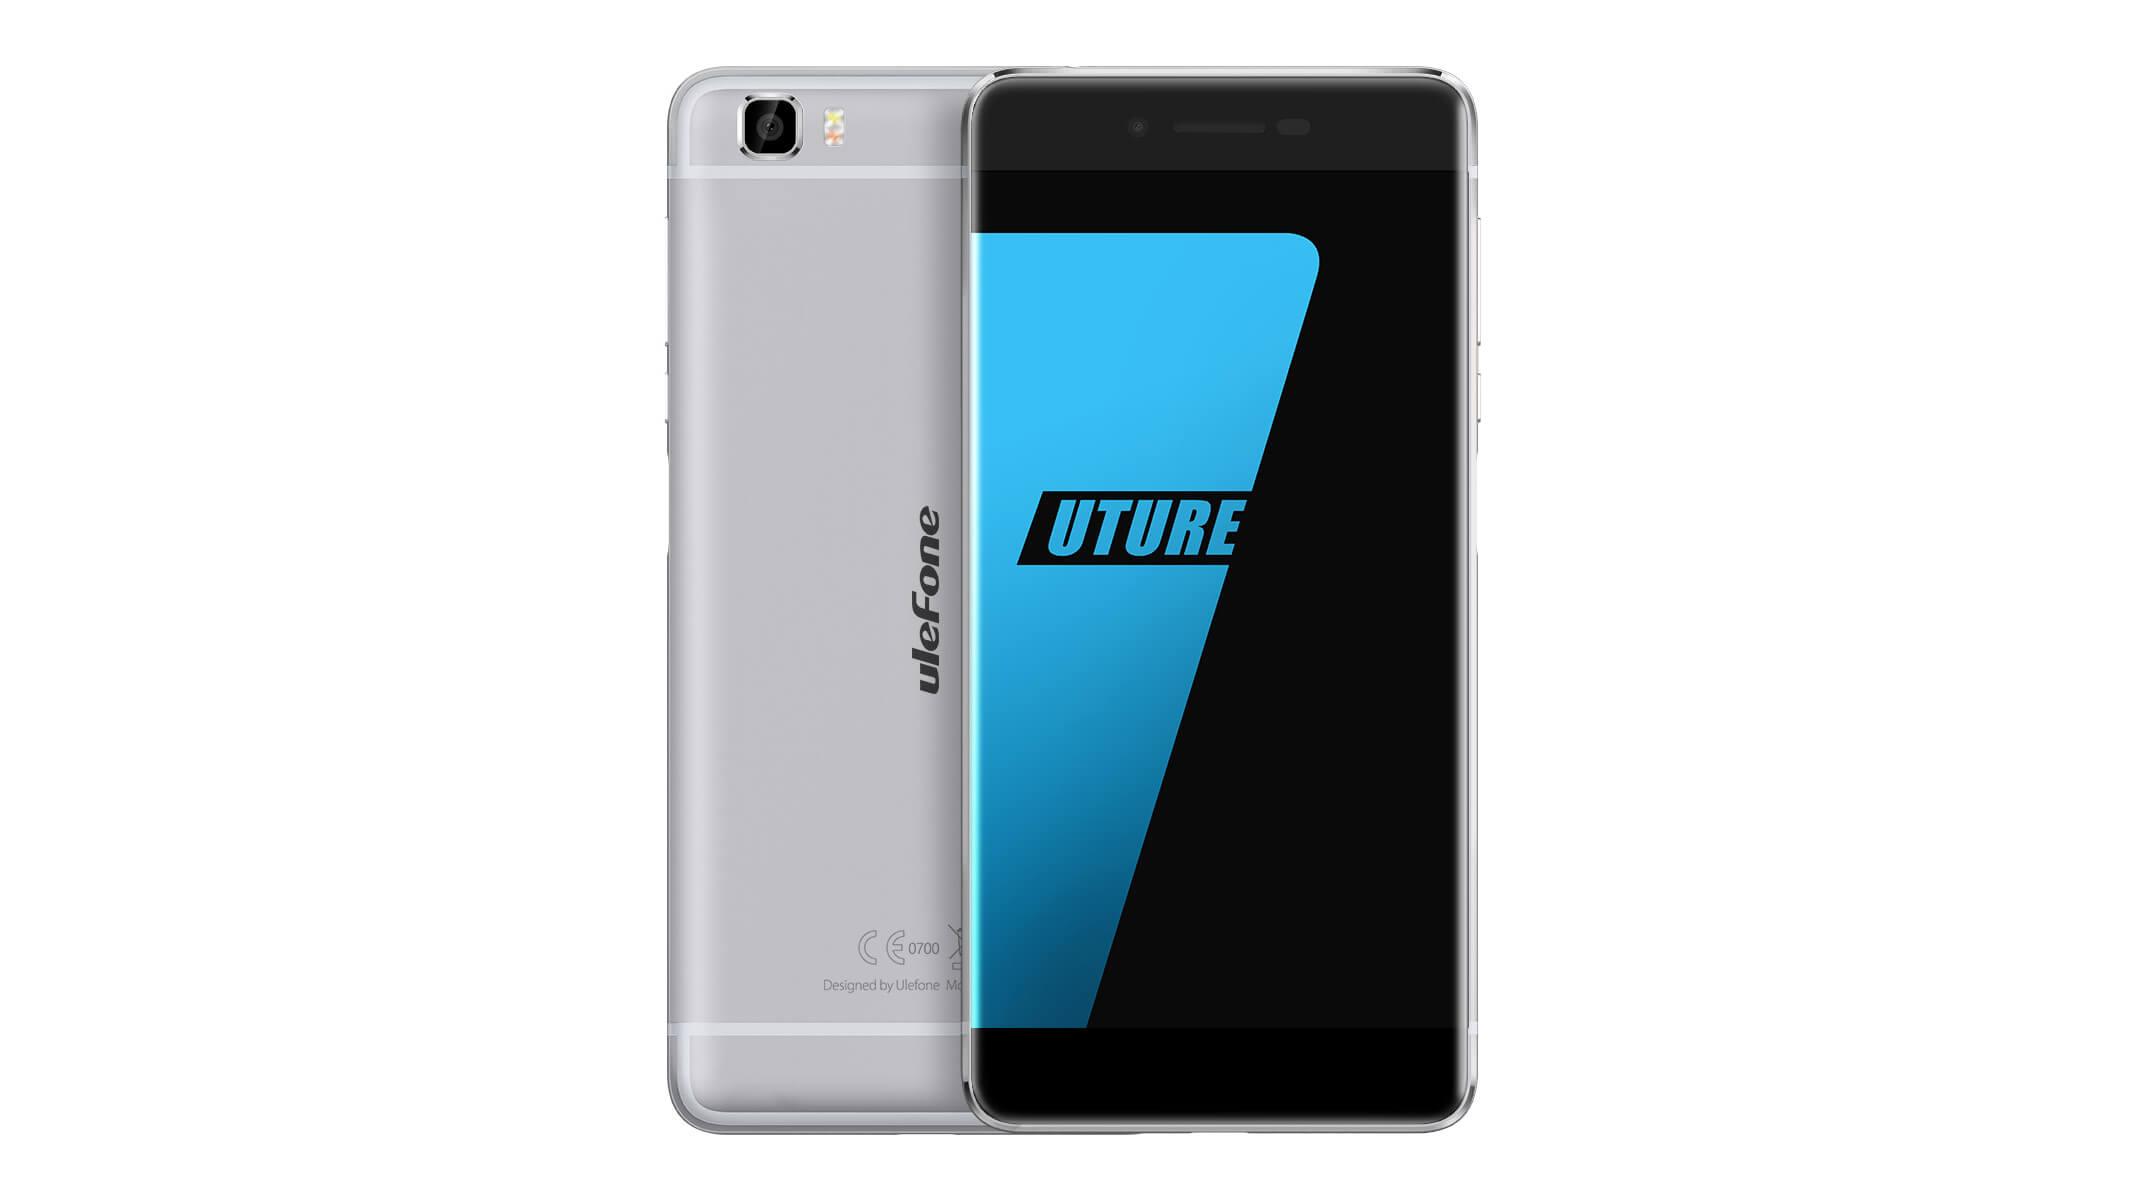 ulefone-future-photo